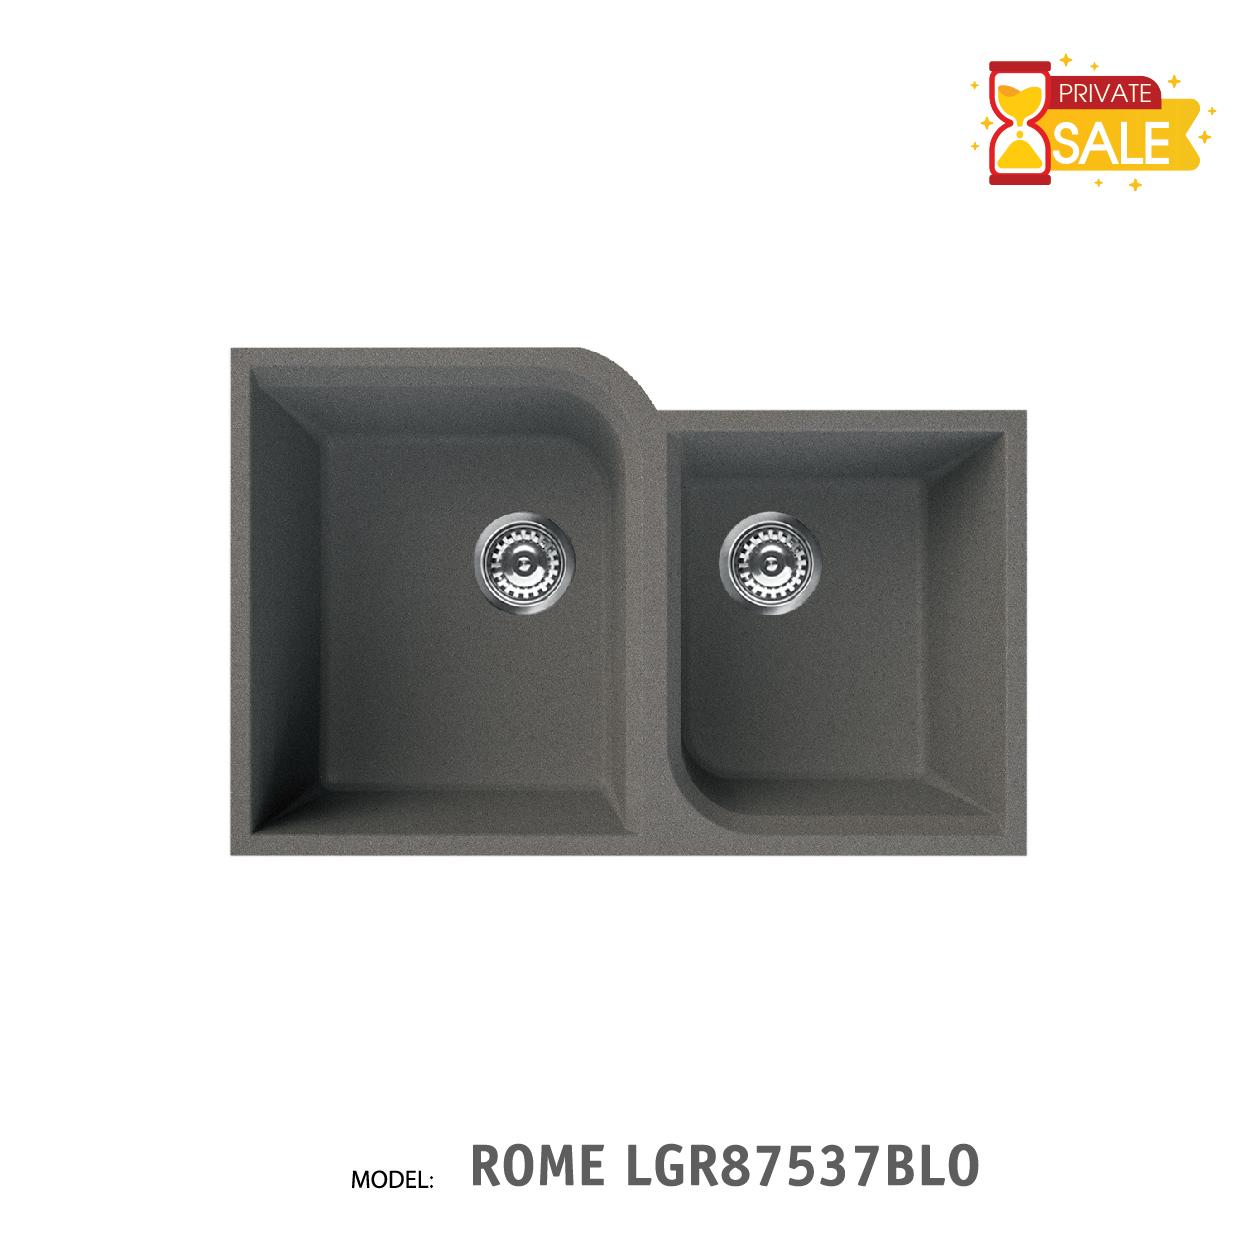 Chậu đá Birillo - Model ROME LGR87537BL0